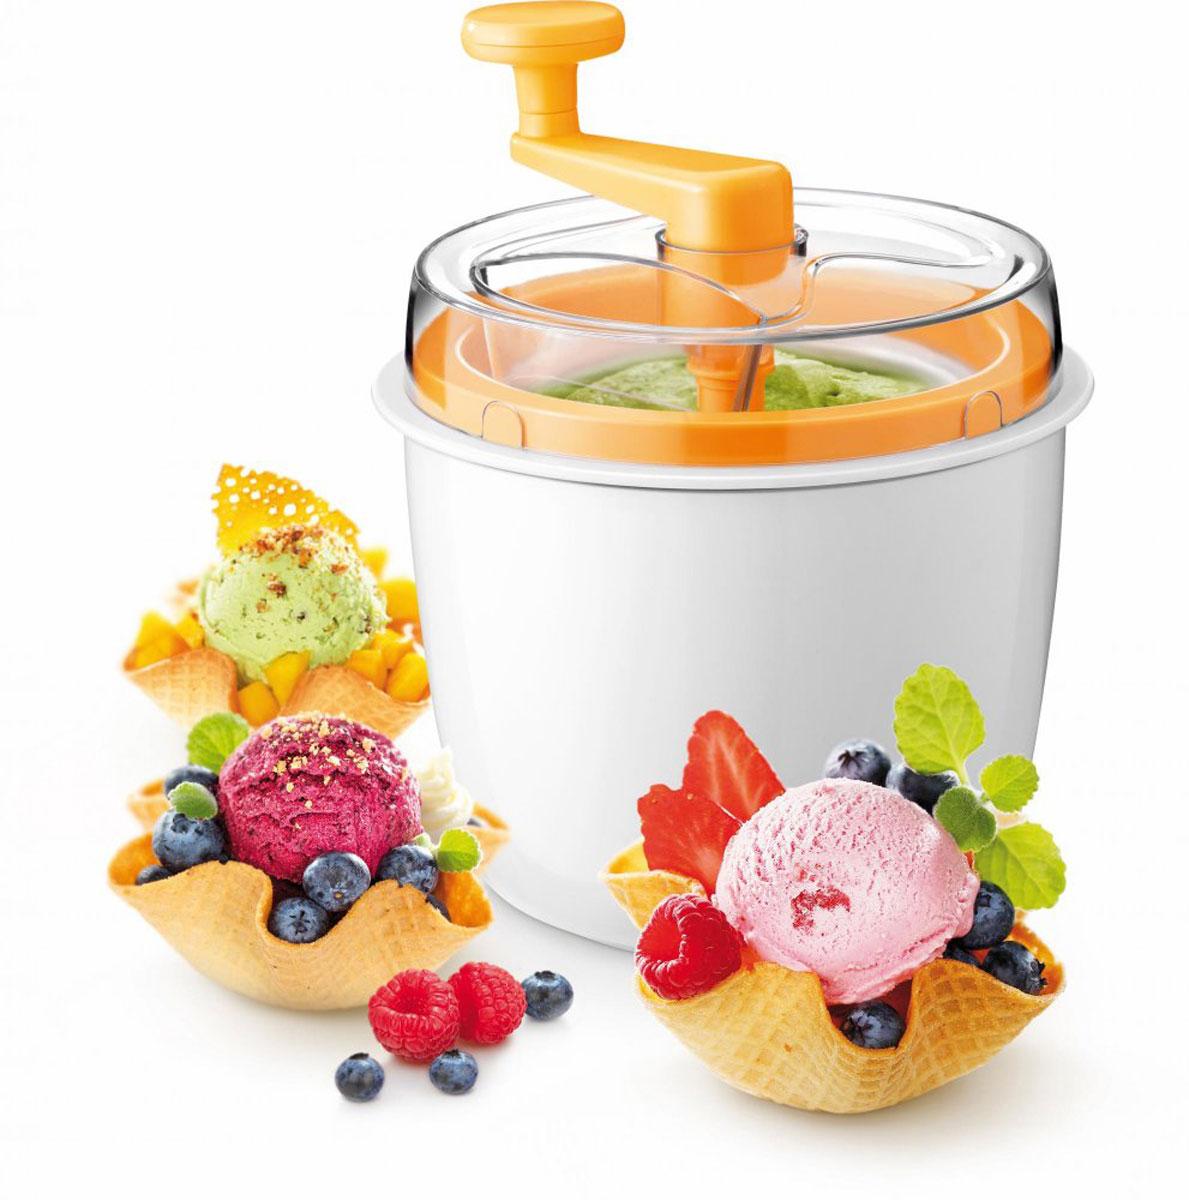 Приспособление для изготовления мороженого Tescoma Della Casa. 643180643180Приспособление Tescoma Della Casa отлично подходит для приготовления домашнего мороженого без консервантов, искусственных красителей и чрезмерных подсластителей. Приспособление для изготовления мороженого изготовлено из прочного высококачественного пластика, внутренний контейнер изготовлен из безопасного материала (алюминия). Рецепты приготовления домашнего мороженого, фруктового мороженого, шоколадного, творожного или йогуртного мороженого и сорбета прилагаются в комплекте. Все пластмассовые детали приспособления пригодны для мытья в посудомоечной машине. Контейнер для замораживания c охладителем необходимо промывать под проточной водой и высушивать. Контейнер не пригоден для мытья в посудомоечной машине. Объем контейнера: 600 мл. Размер приспособления: 16 х 16 х 23 см.